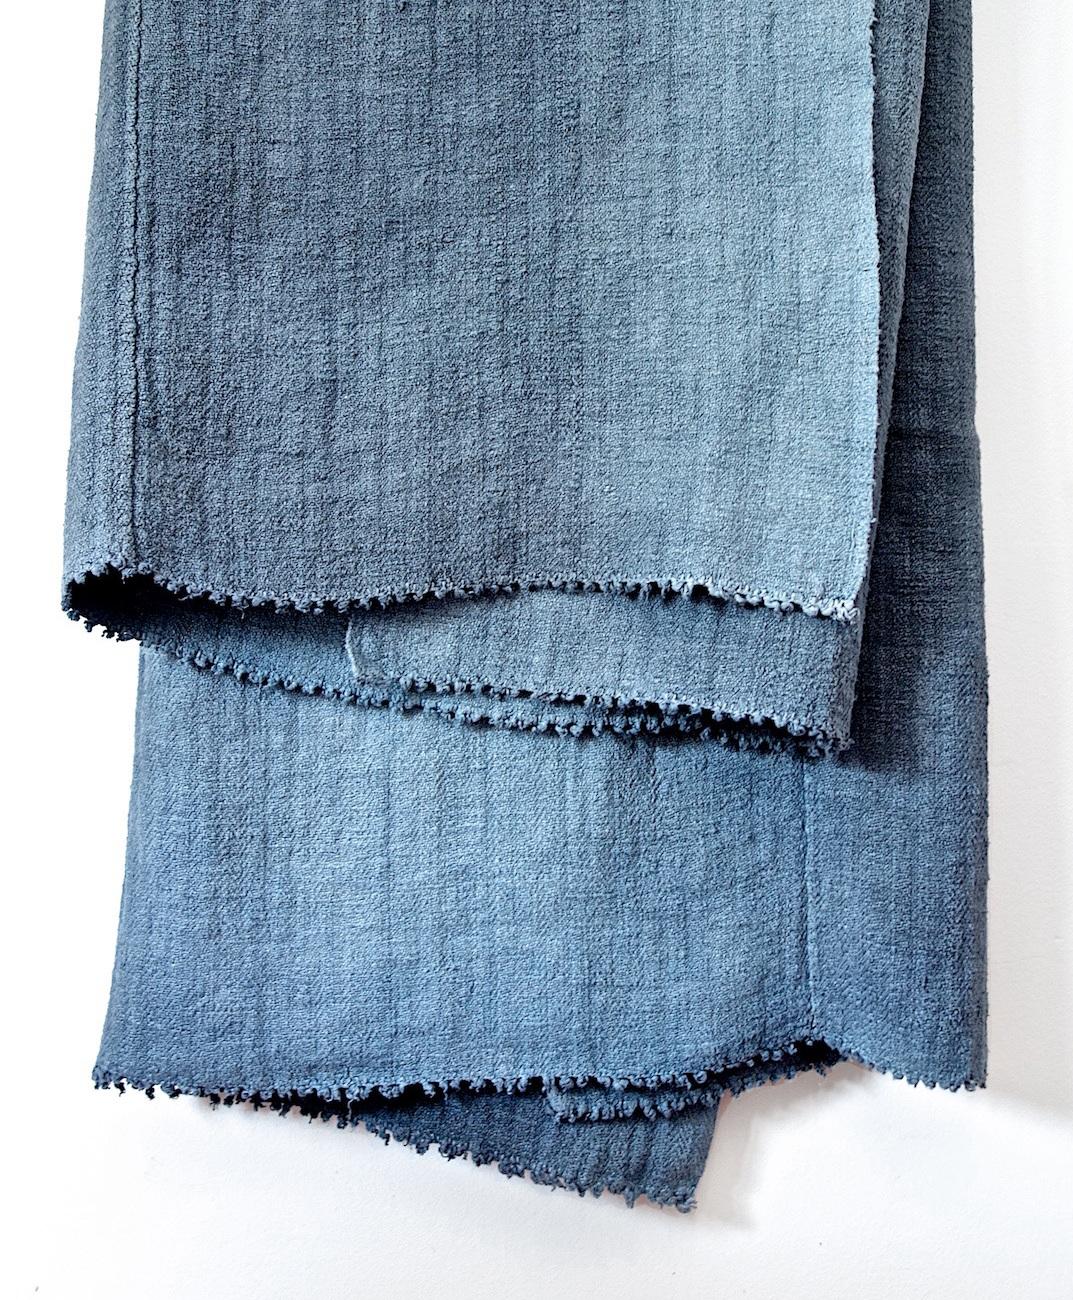 espanyolet_goop_gray_blue_blanket.jpg